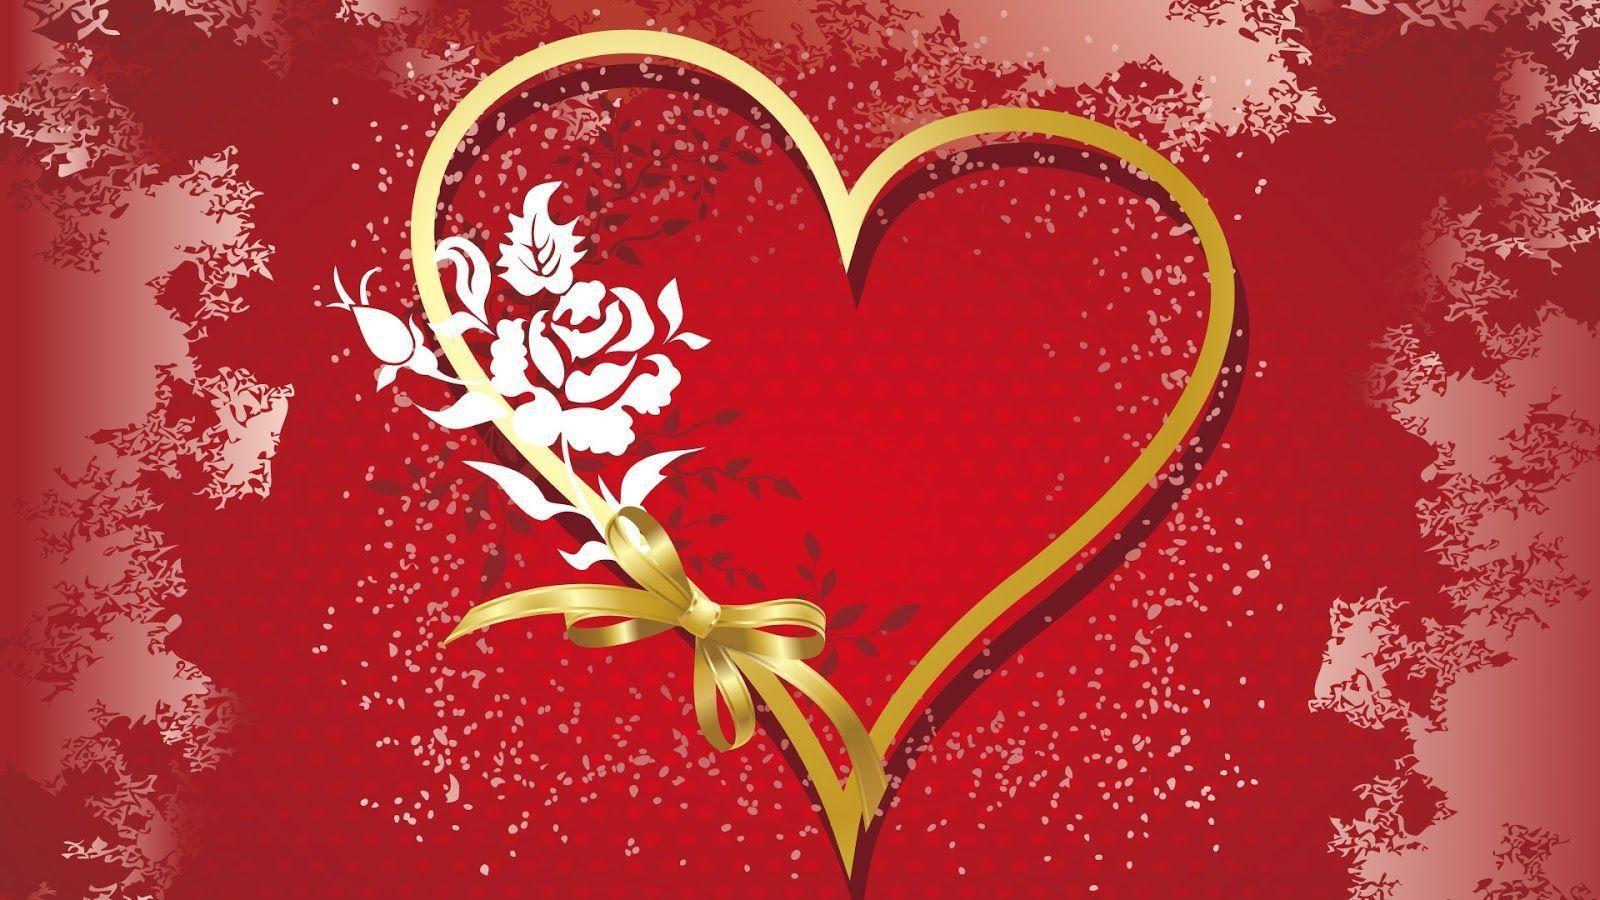 Free Valentine Backgrounds Desktop - Wallpaper Cave